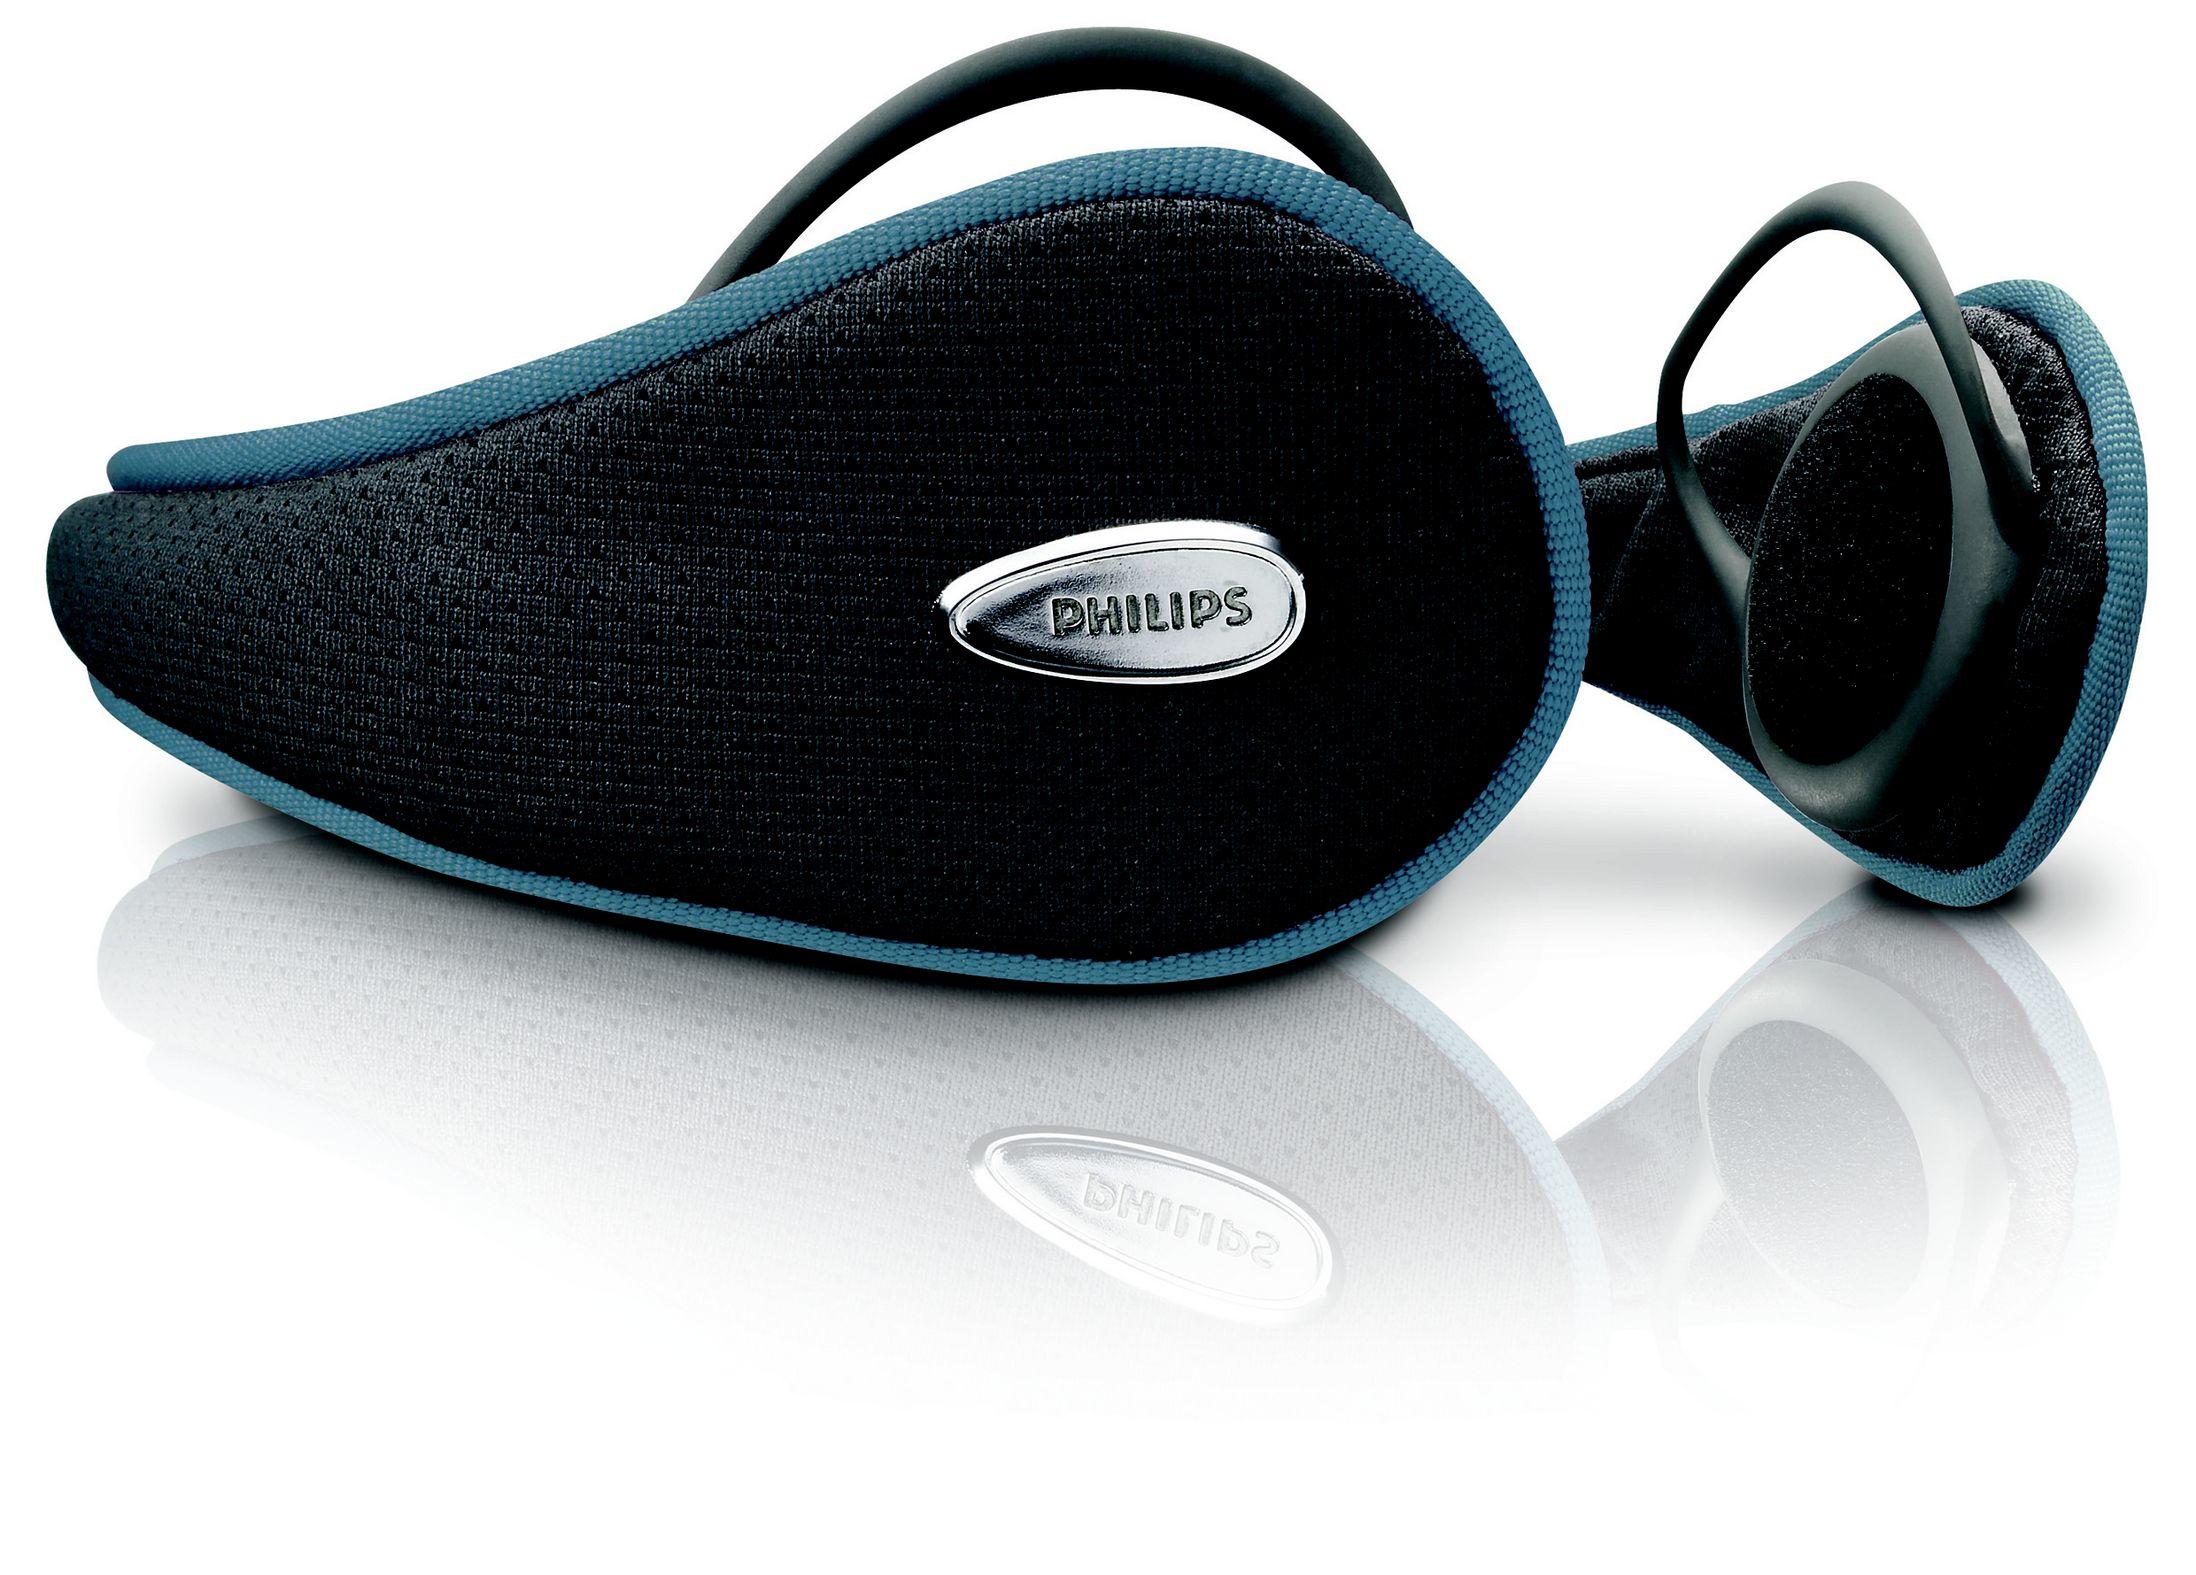 Philips SHS850/00 Circumaurale cuffia